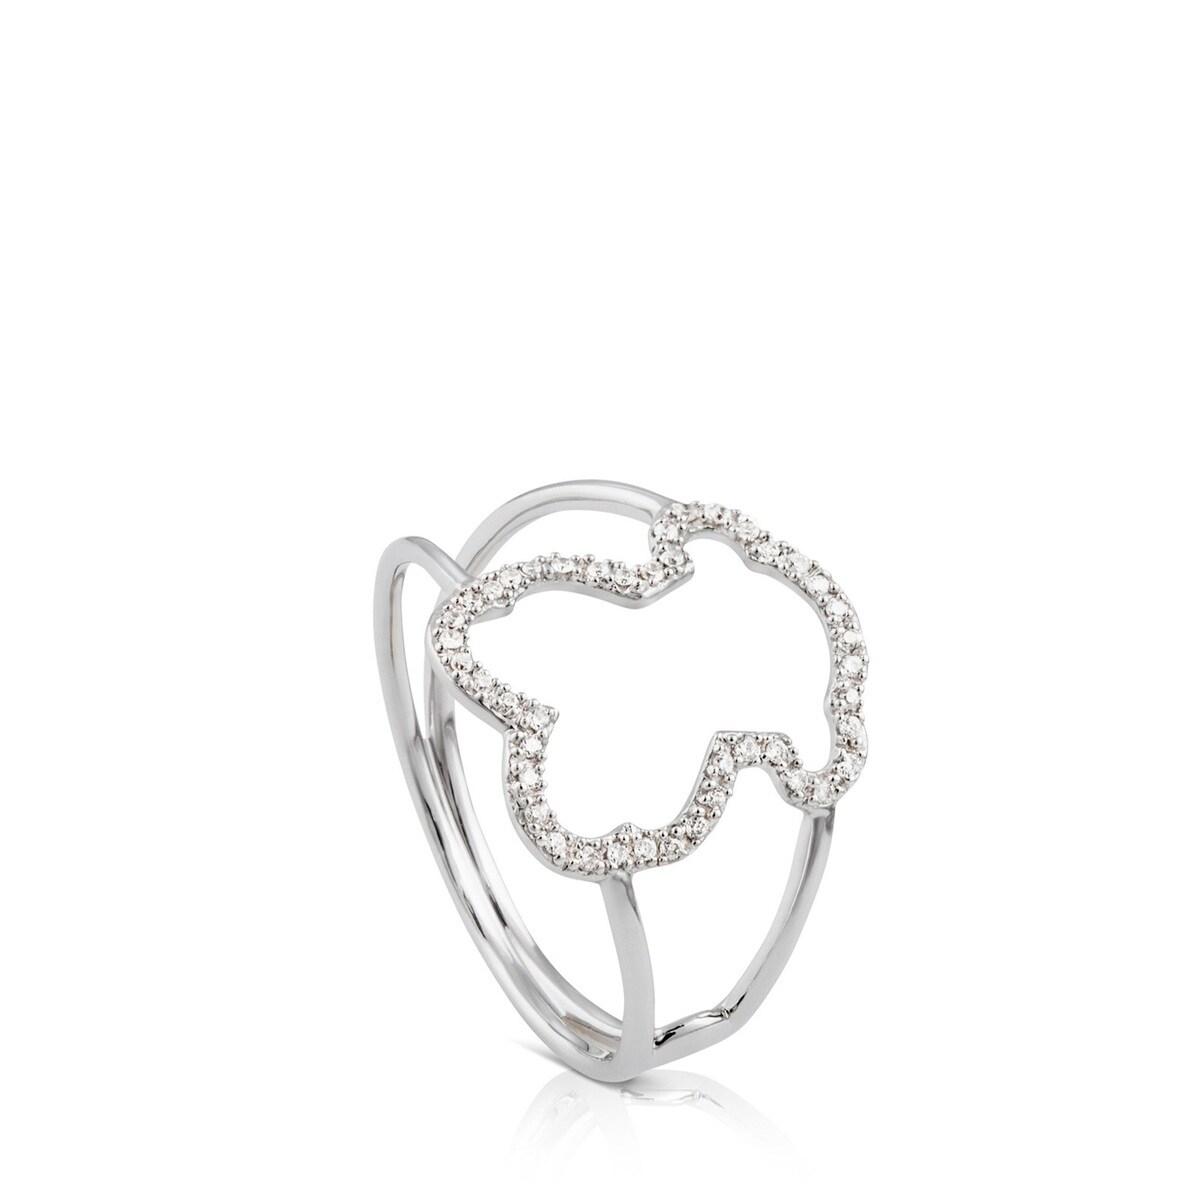 リング SILUETA / ダイヤモンド付きホワイトゴールド 12号